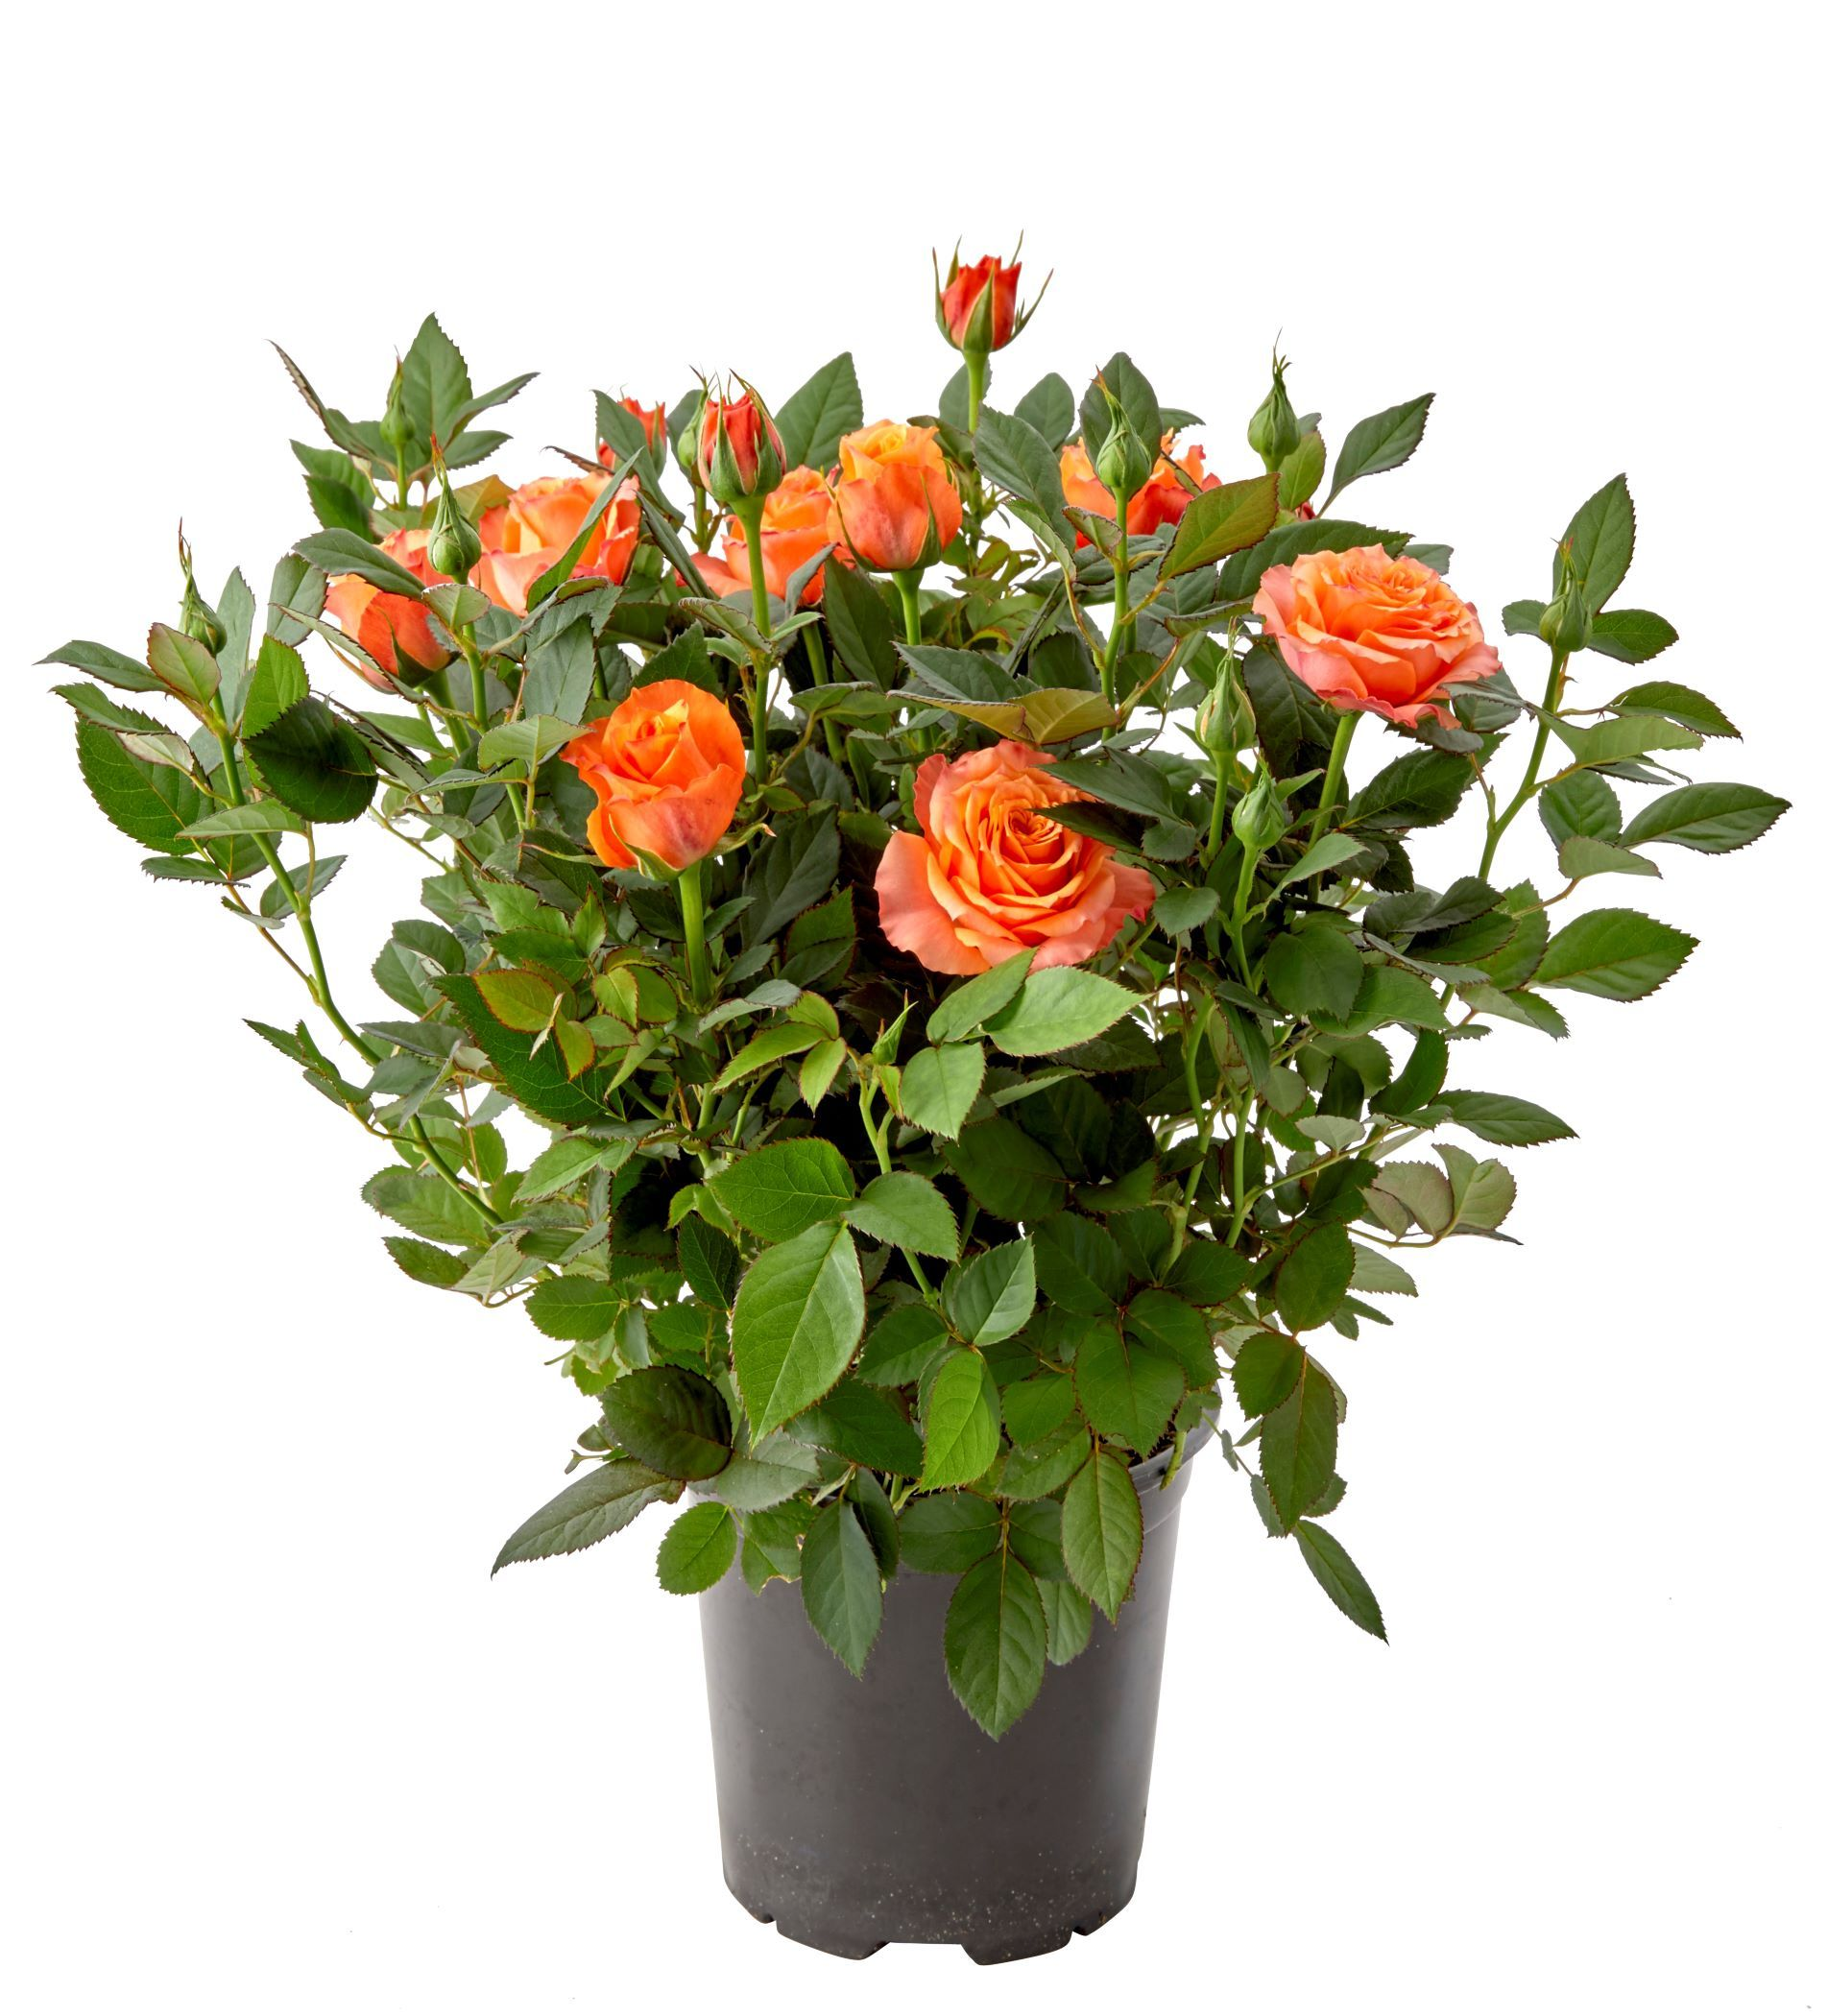 только декоративные розы в горшках уход и фото ему, что вас